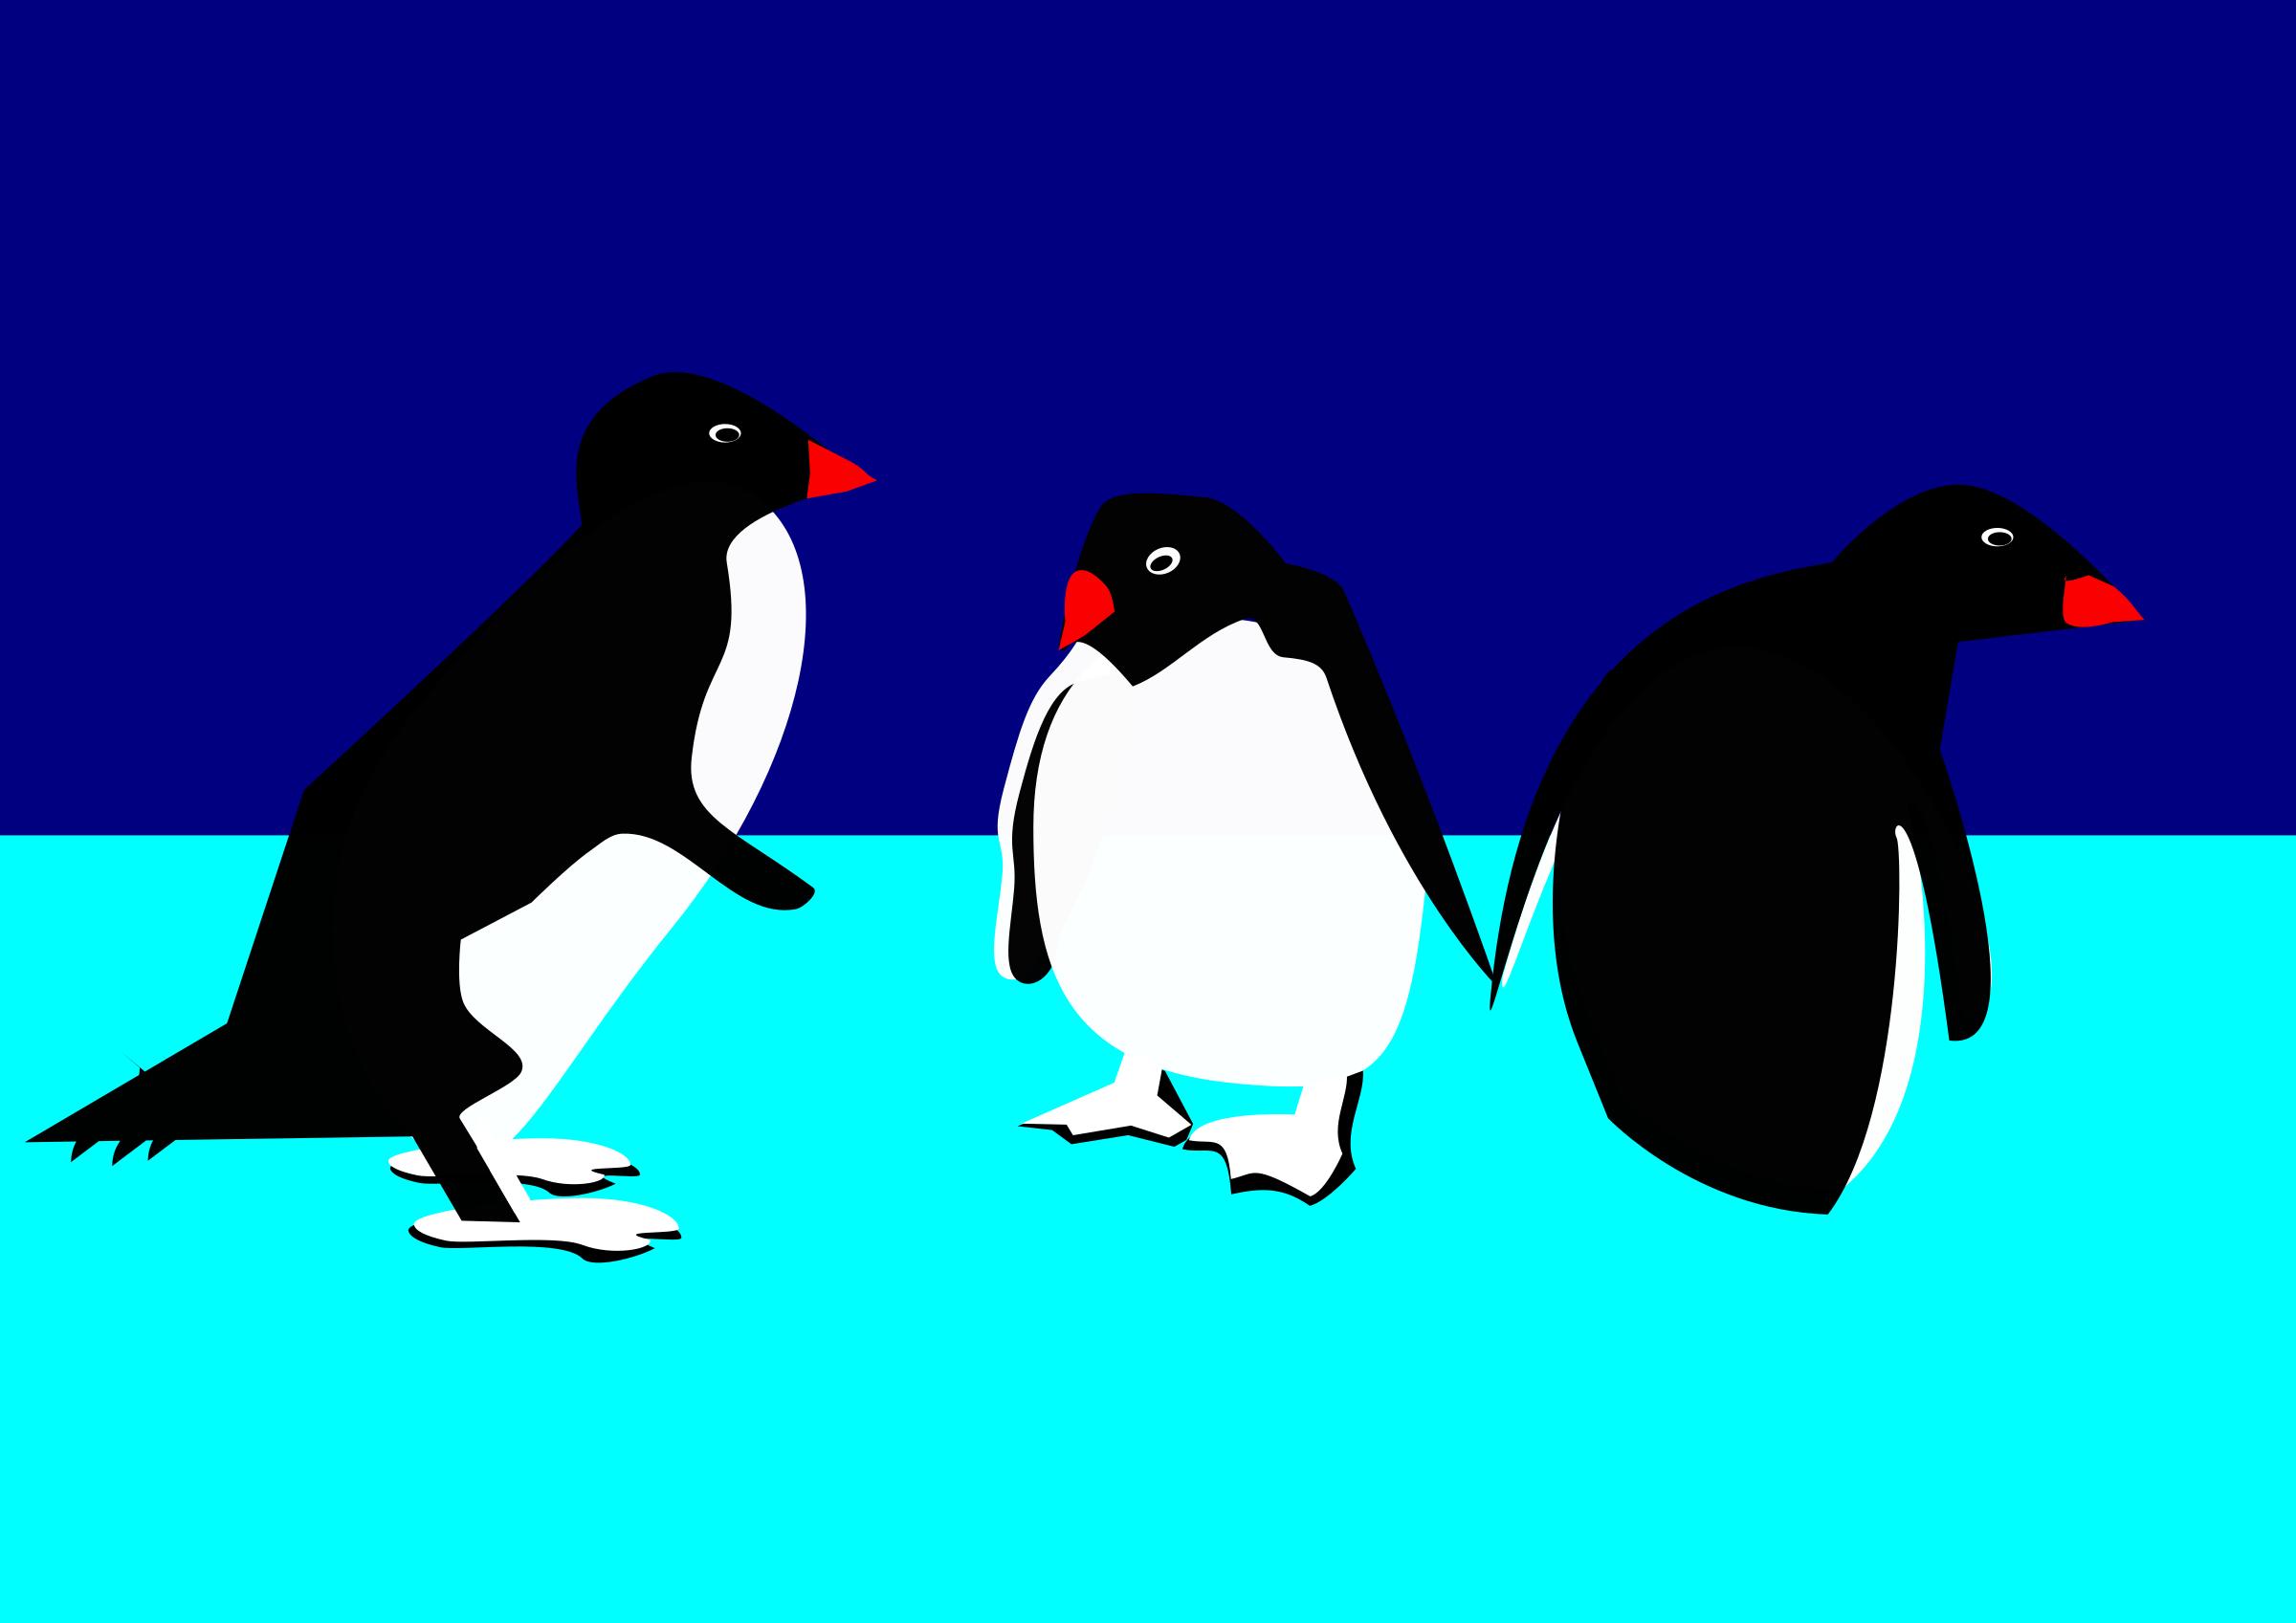 3 pinguine